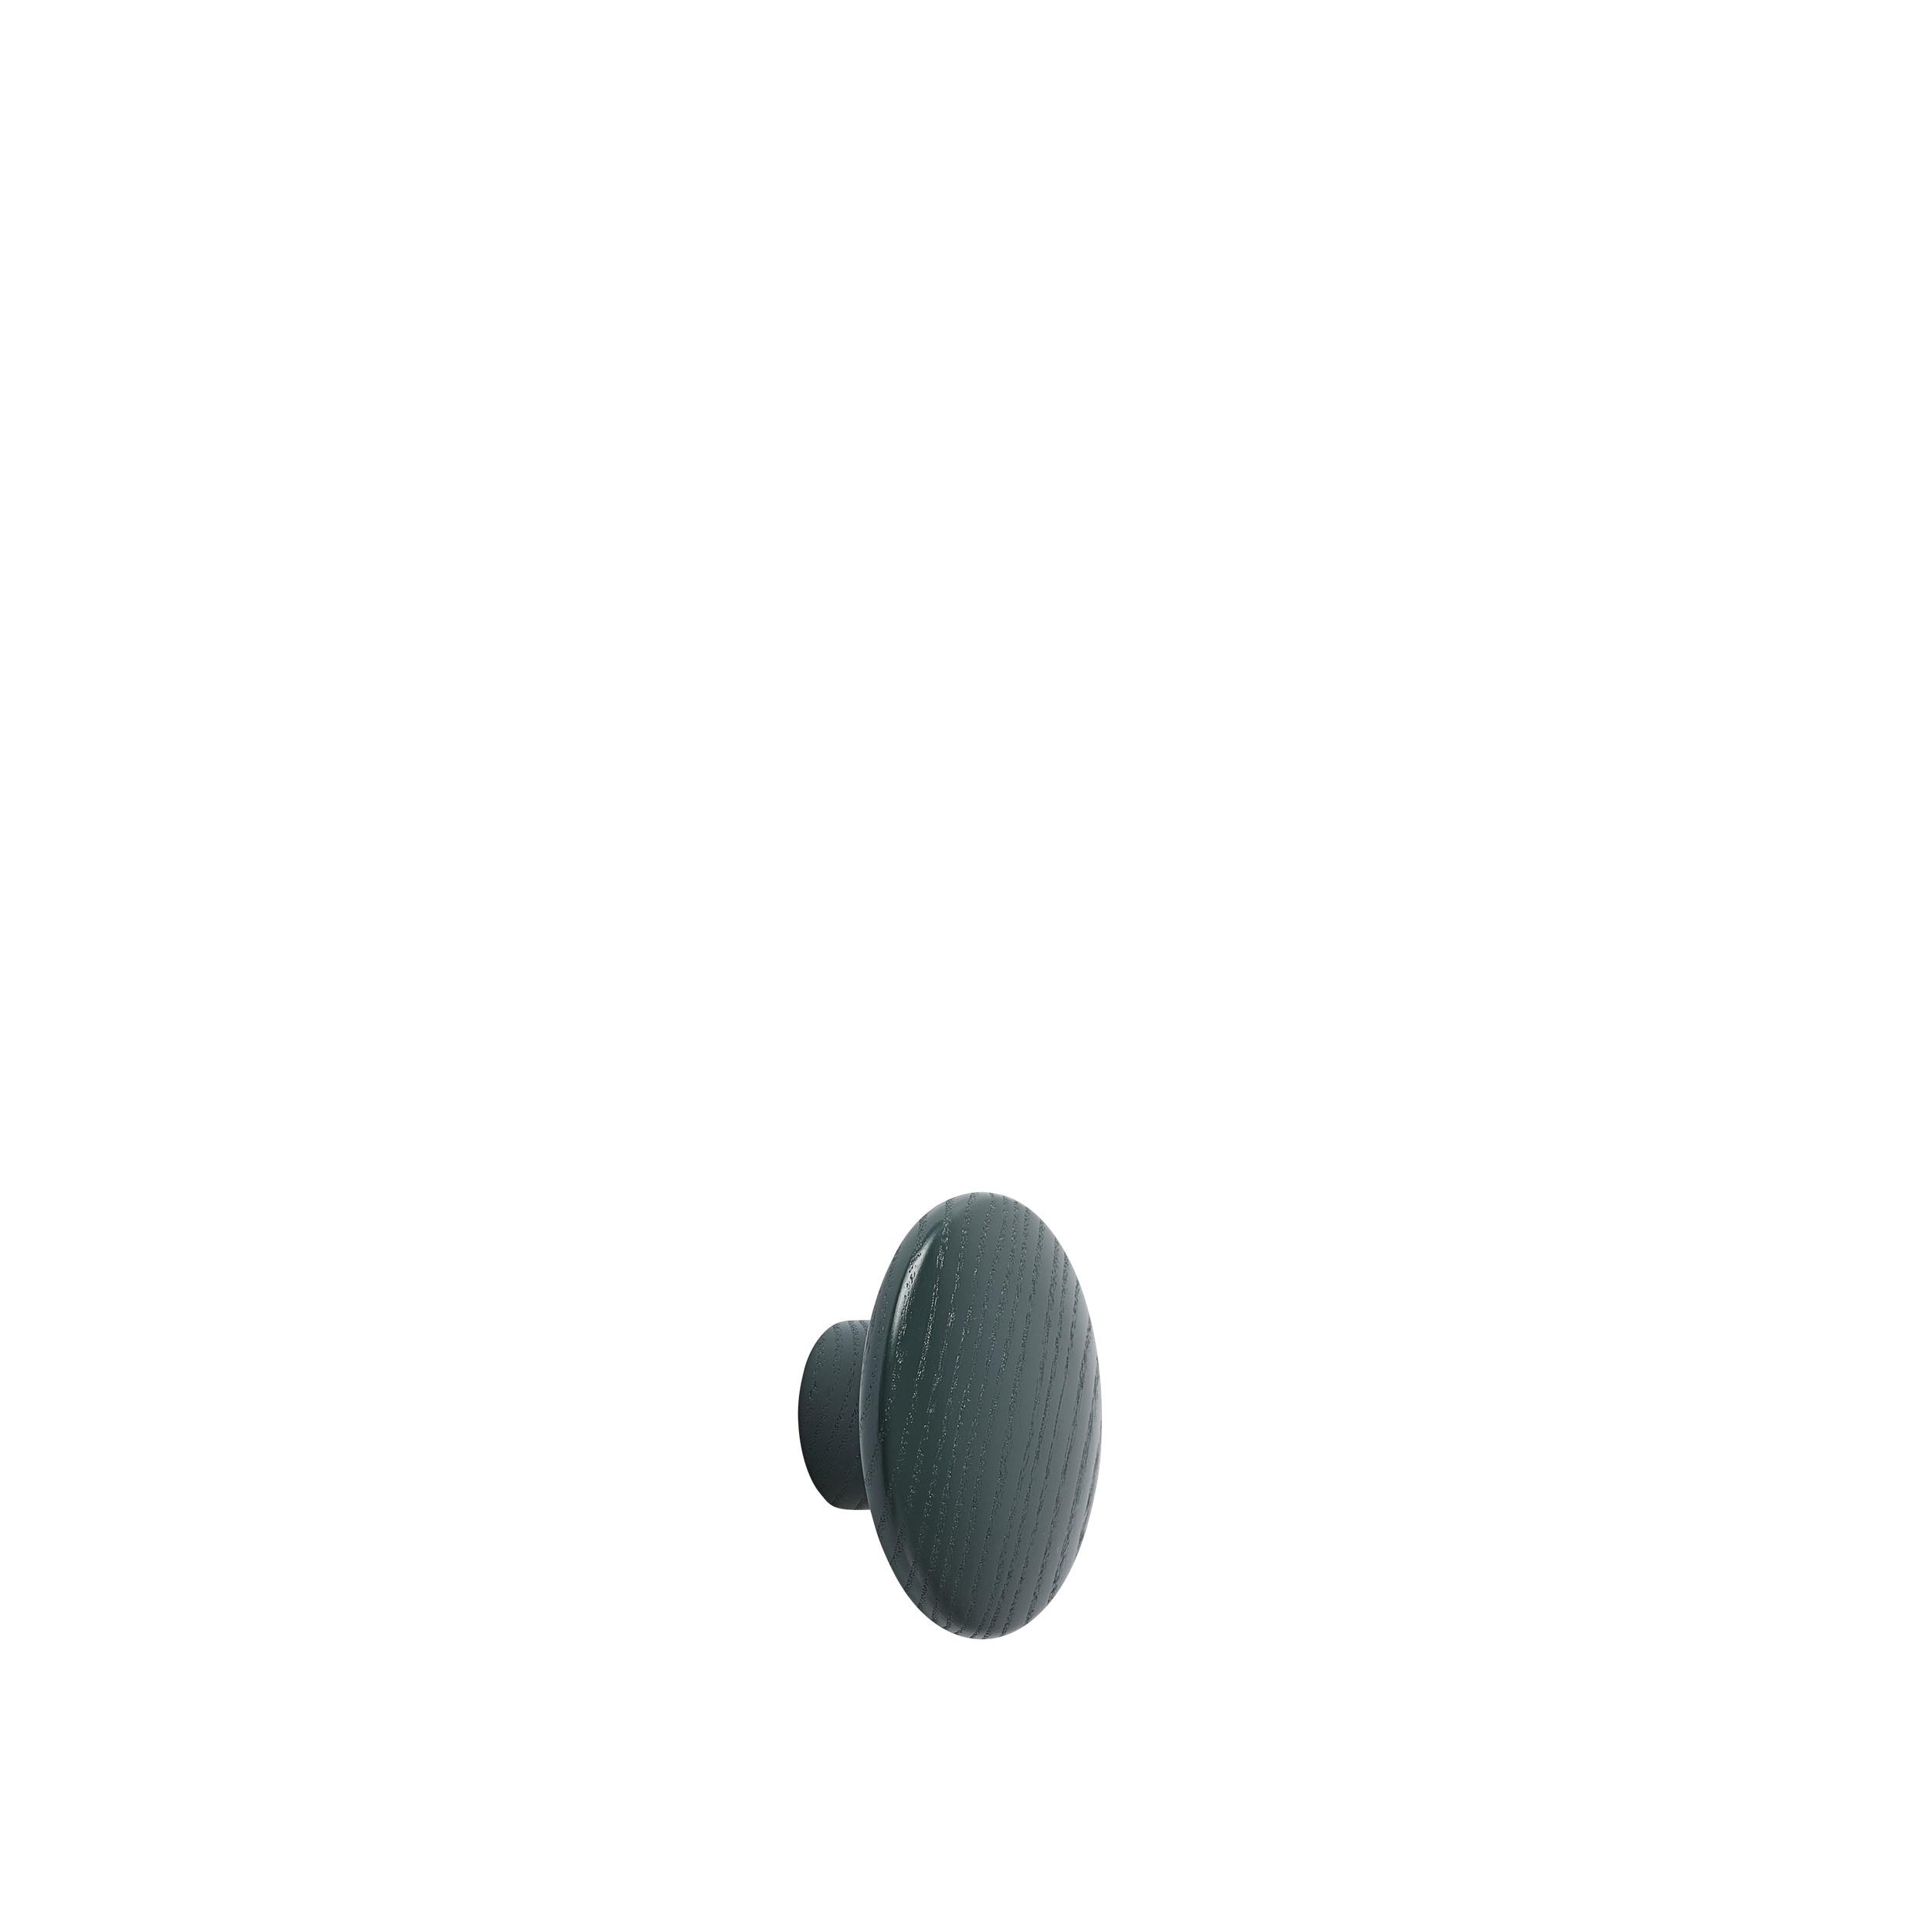 Dot wood X-small Ø 6,5 cm dark green